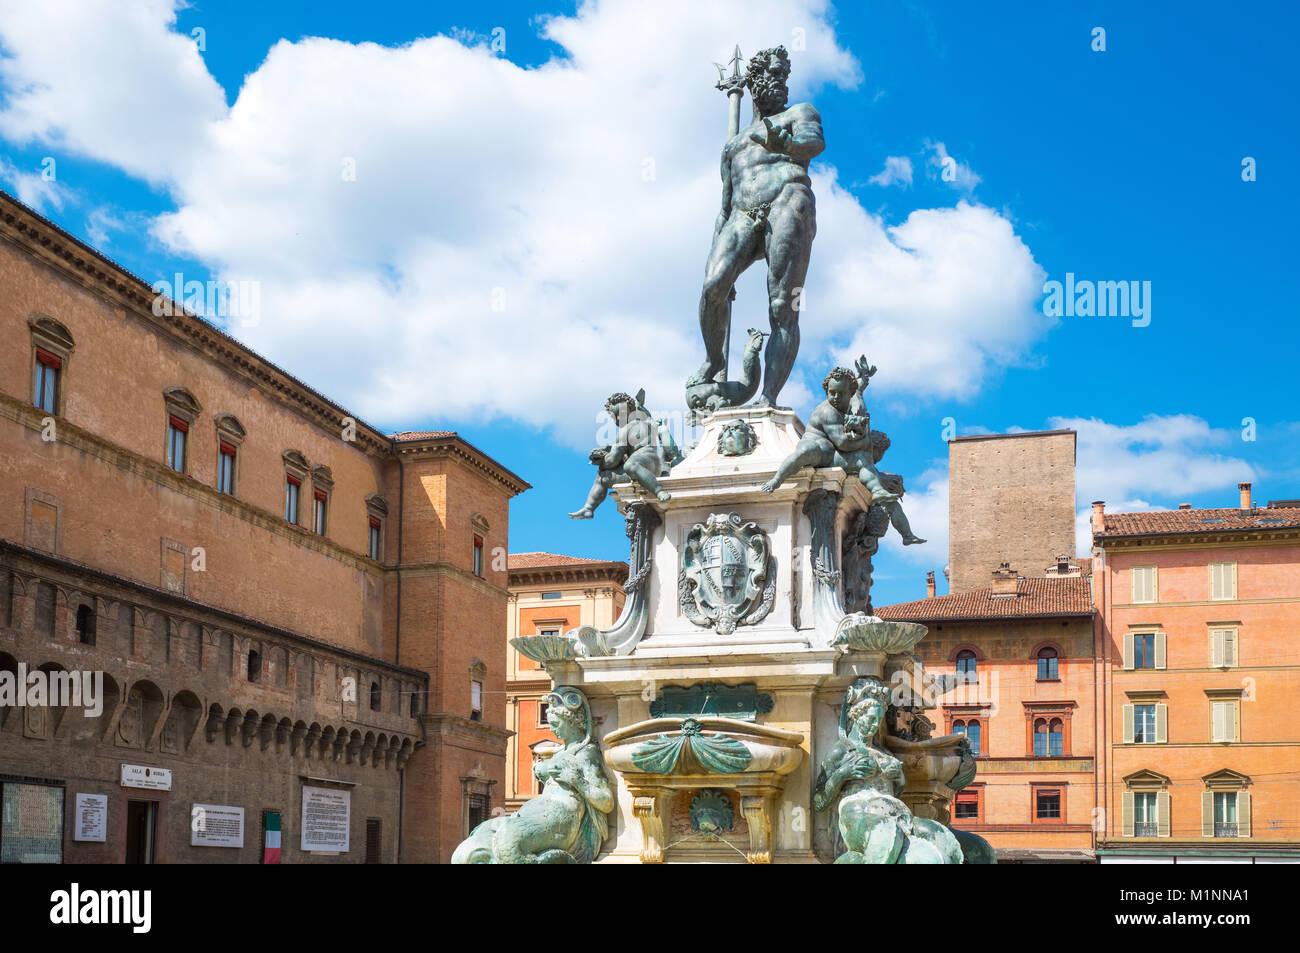 Italy, Bologna, Del Nettuno square, frontal view of the Neptune fountain - Stock Image